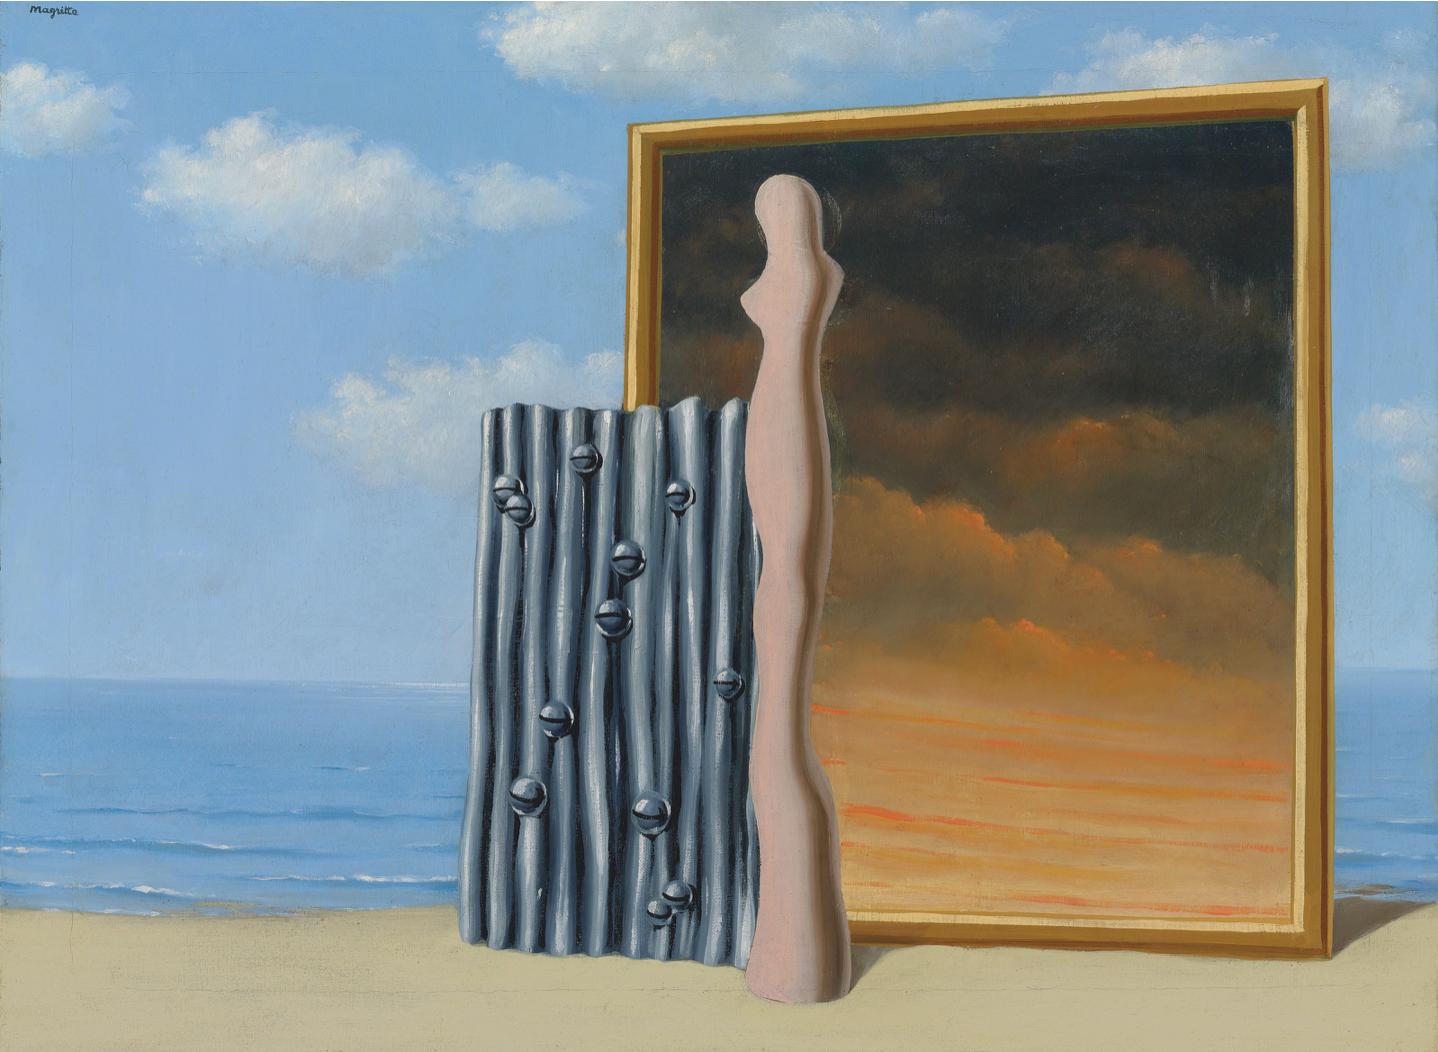 Magritte, Dalí, Miró e gli altri. Il meglio del Surrealismo in asta da Christie's a Londra